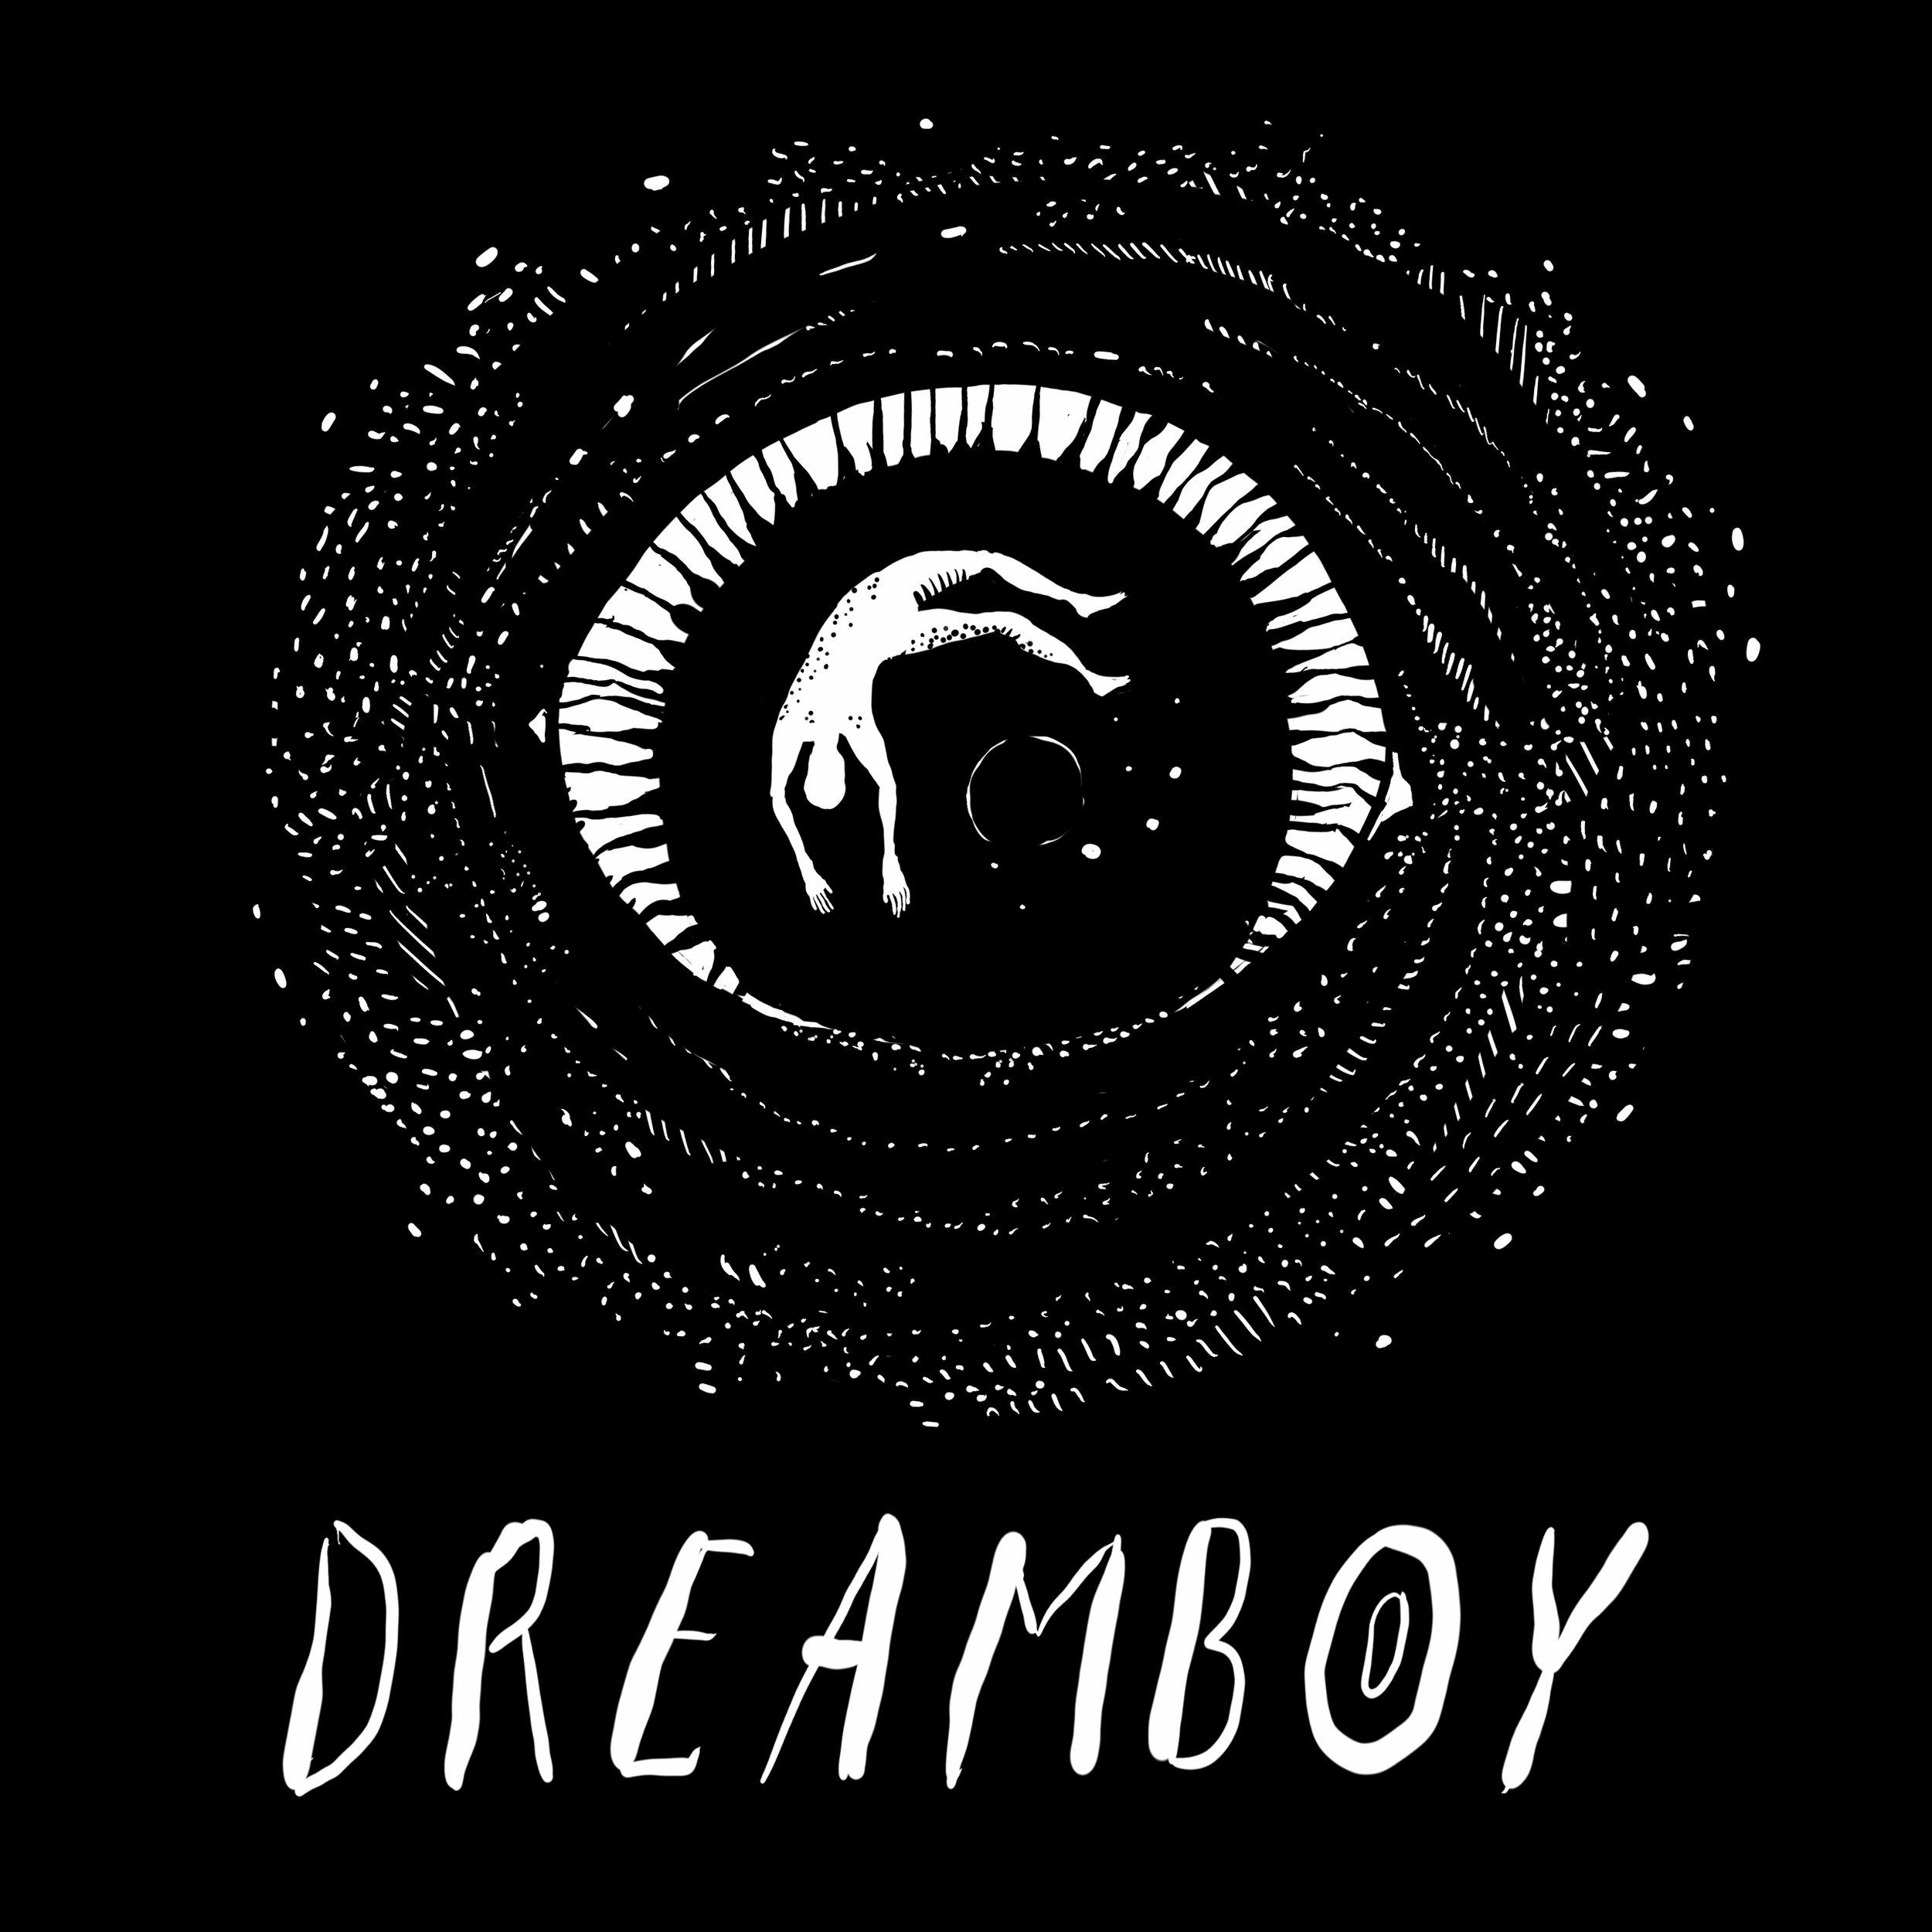 Dreamboy-Final.jpg